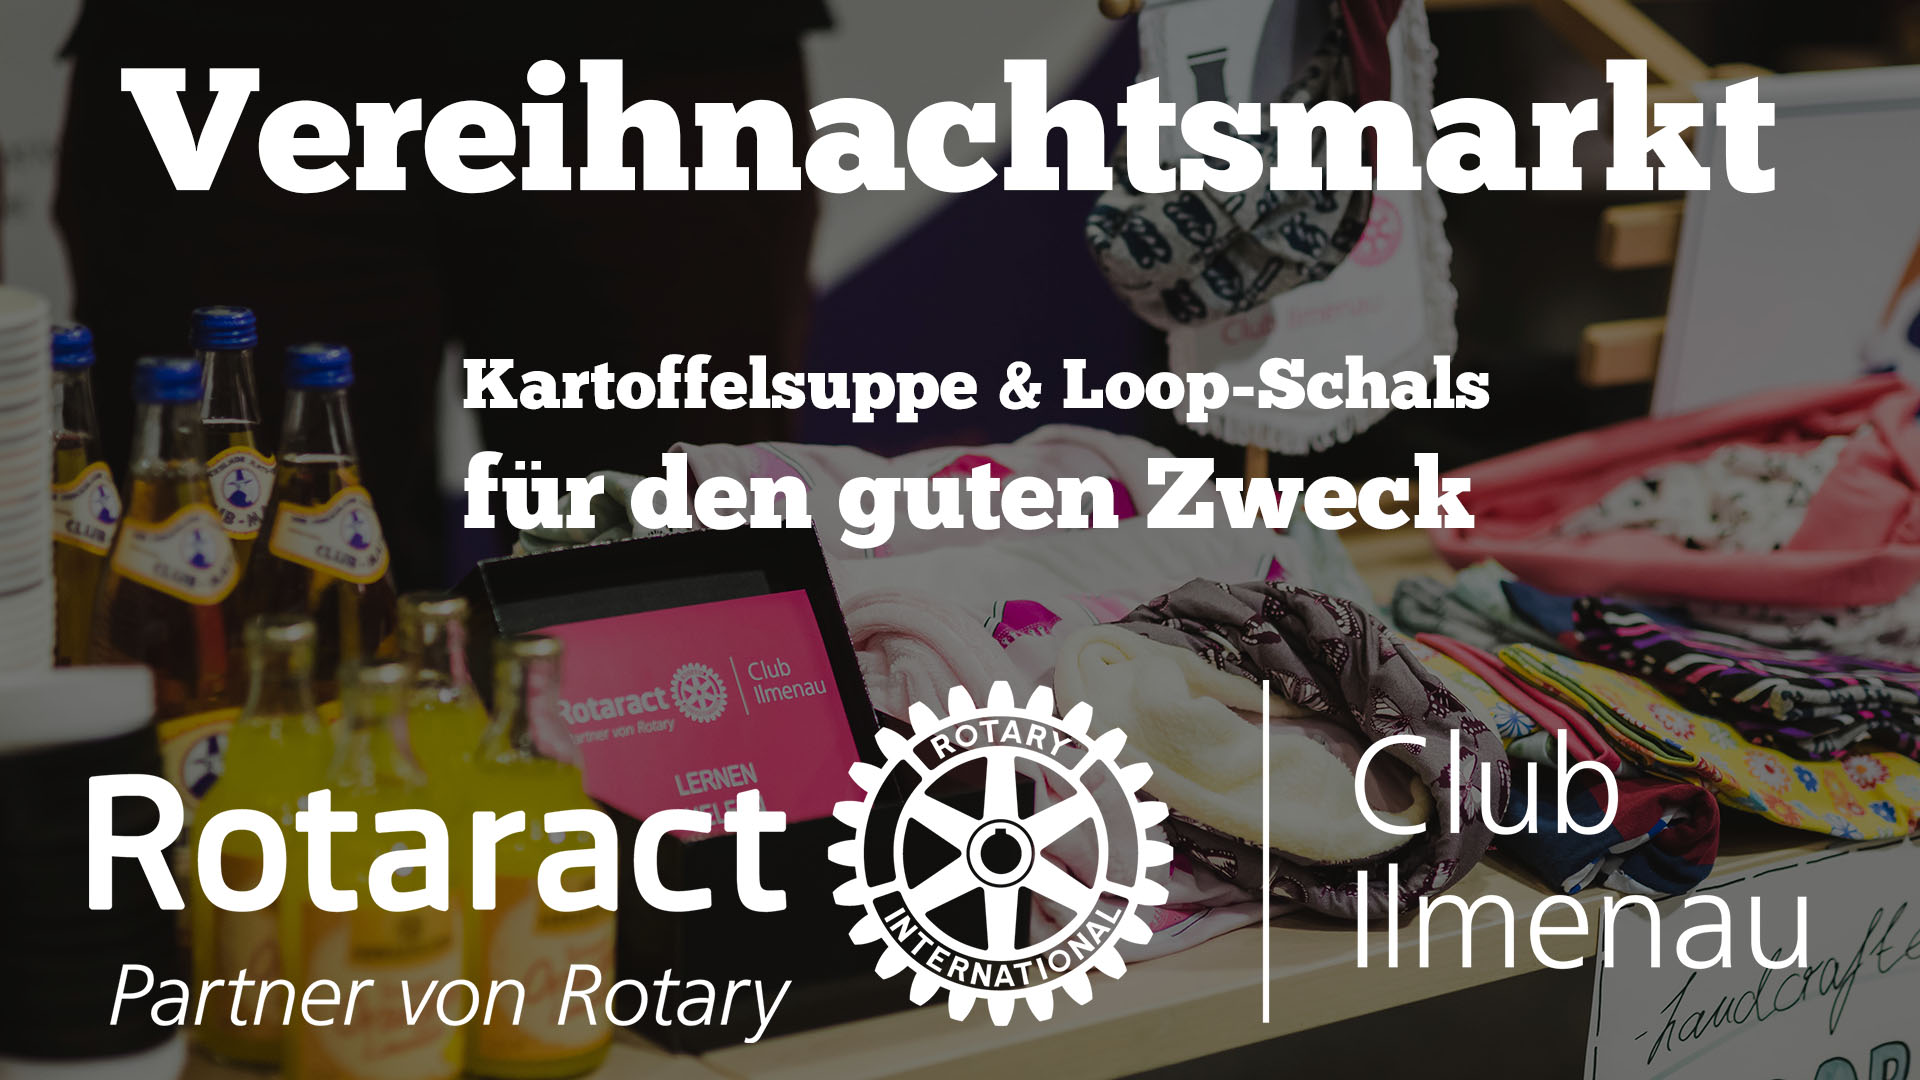 Vereihnachtsmarkt |Rotaract Club Ilmenau